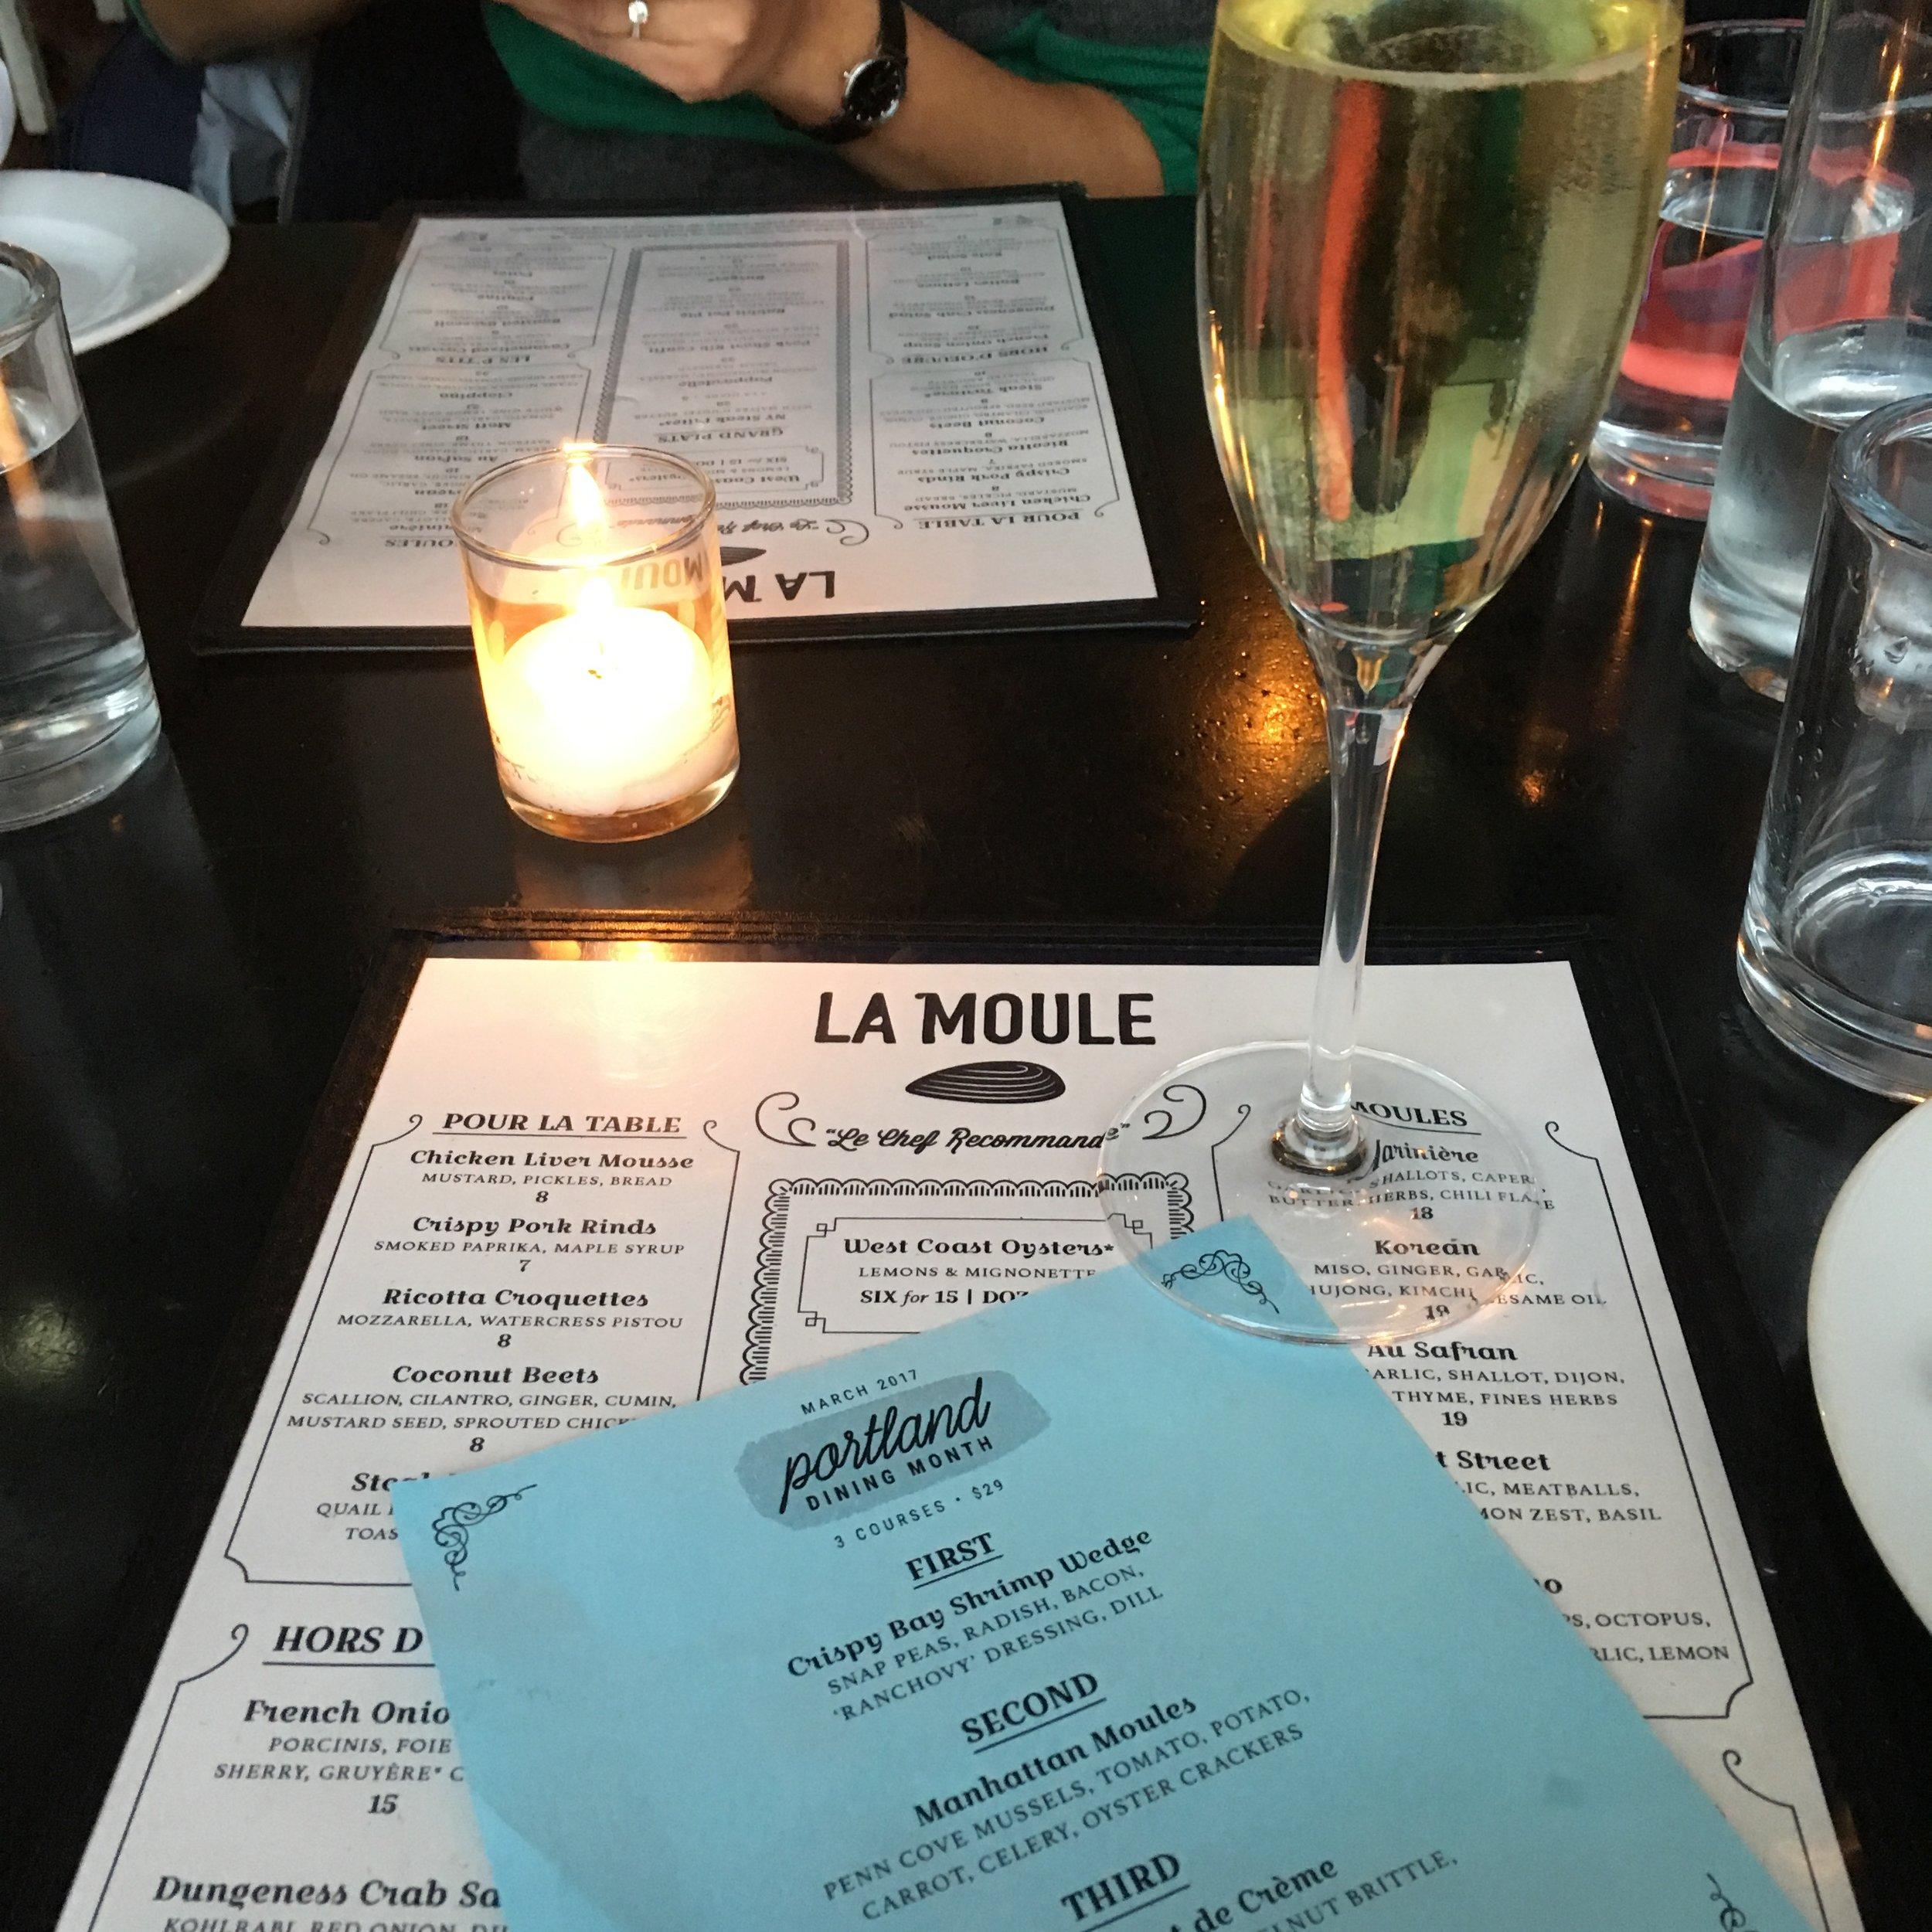 PORTLAND DINING MONTH AT LA MOULE